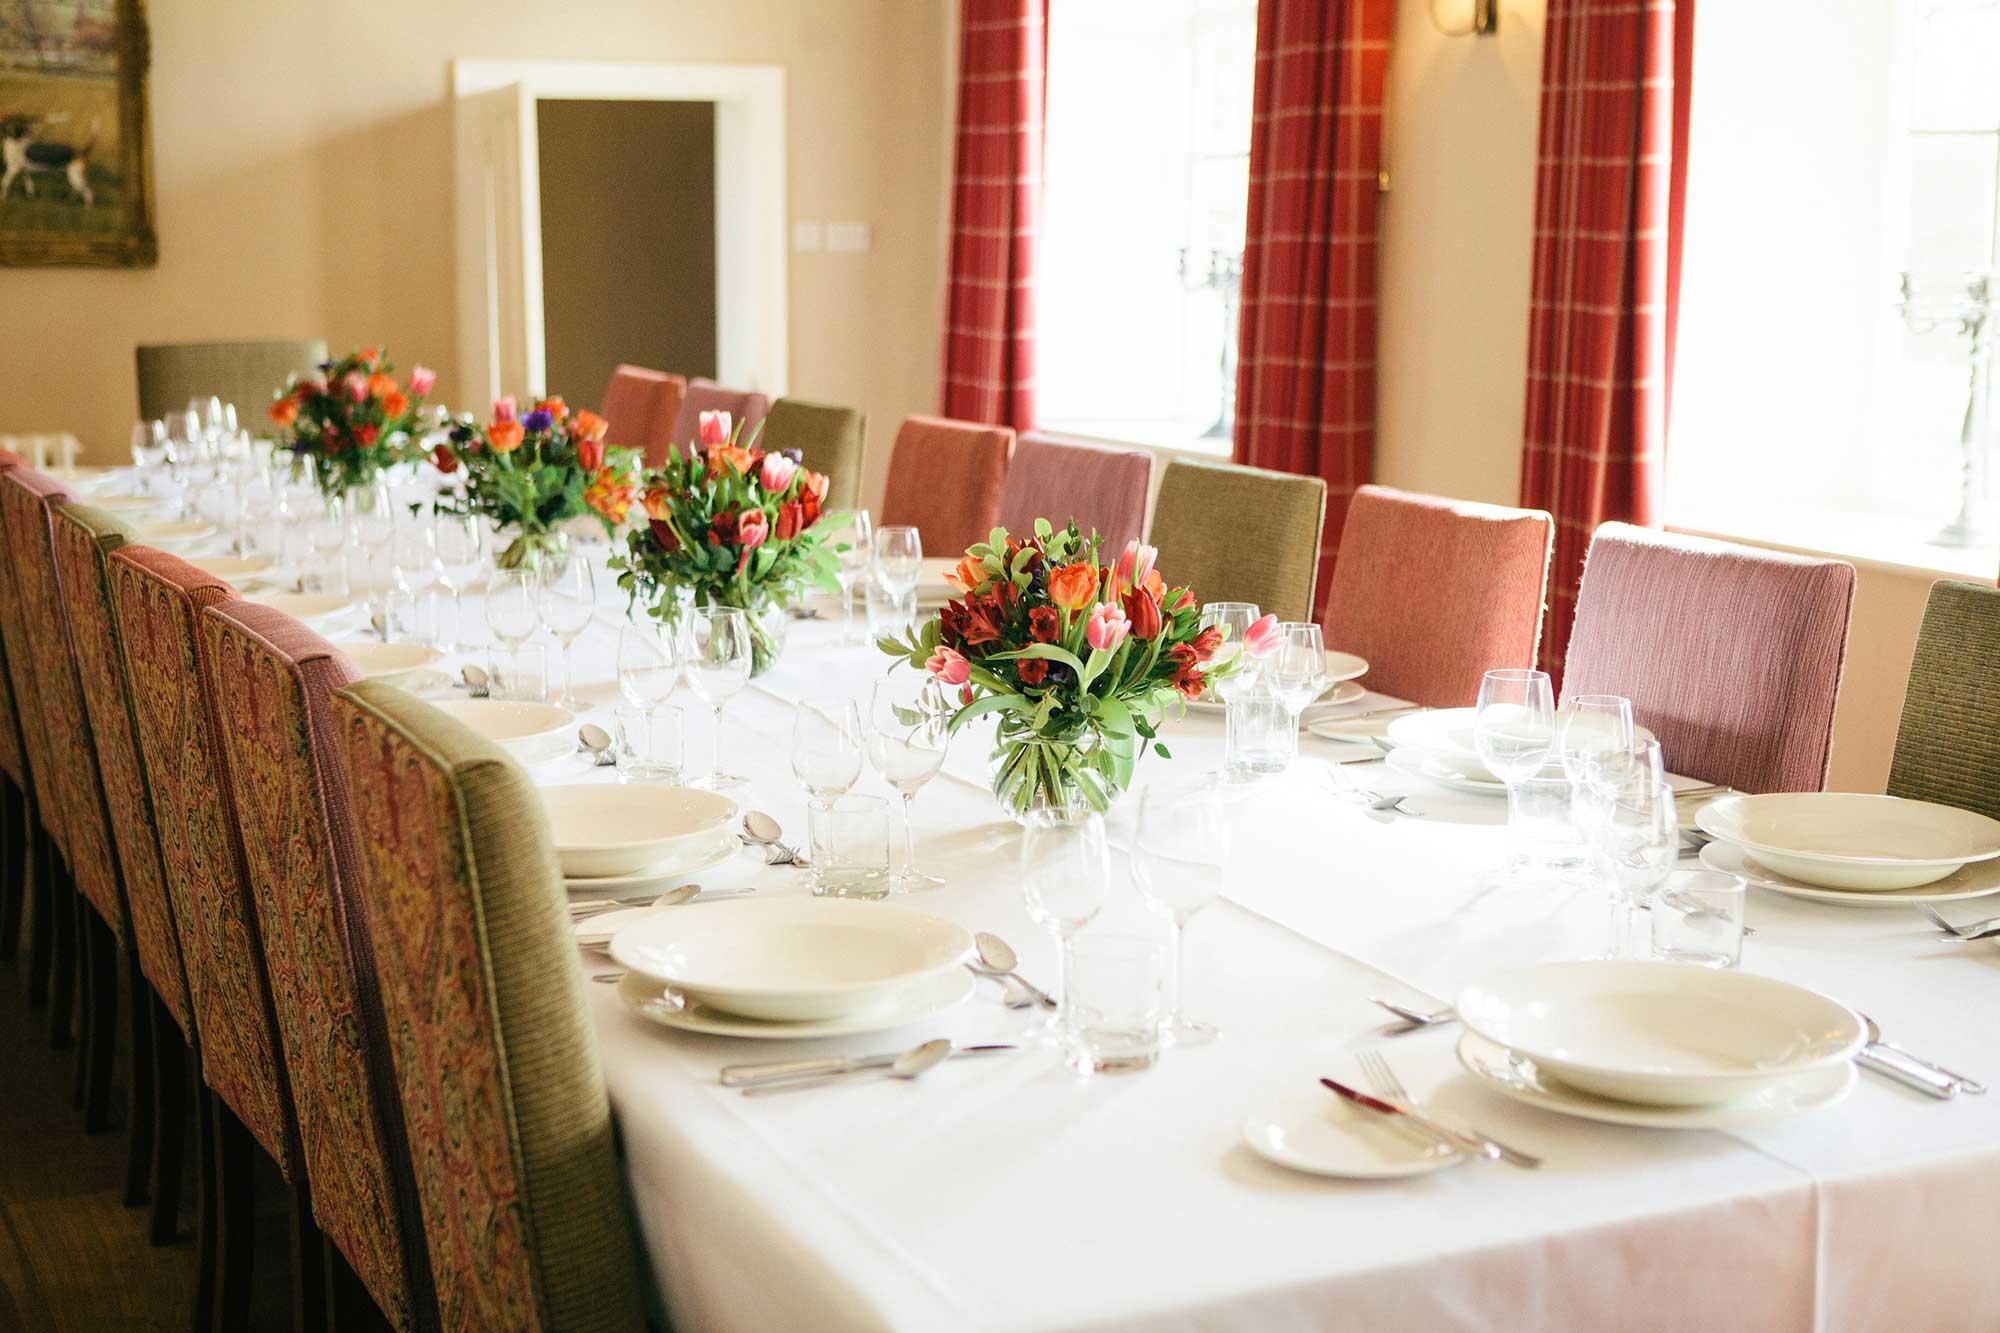 Bruisyard-Hall-Dining-Room.jpg